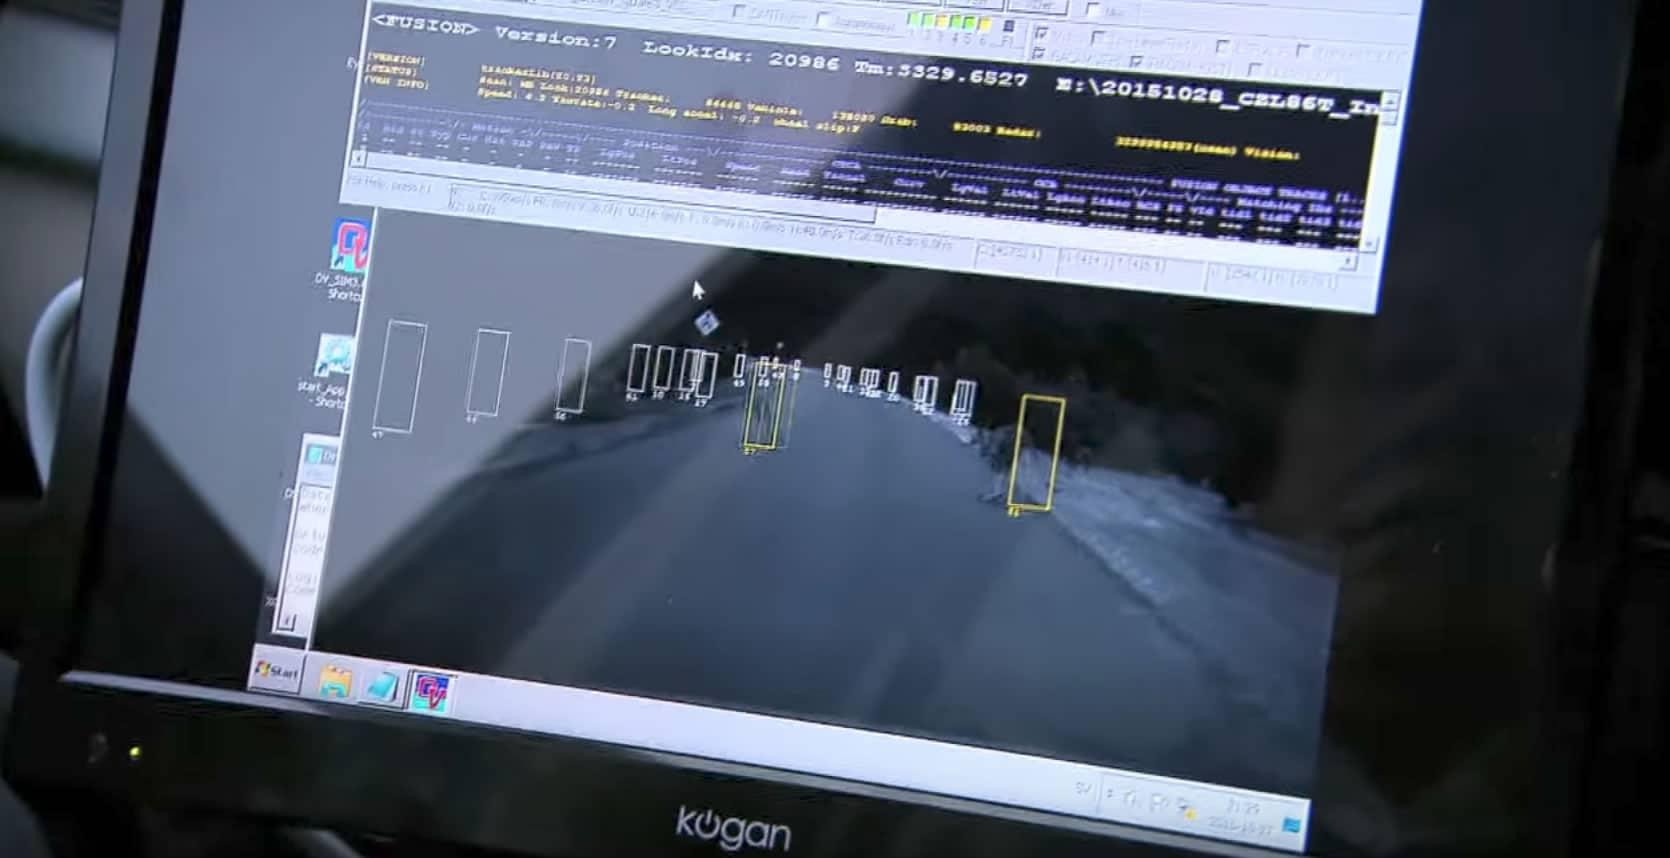 El desafío es modificar el software para identificar a los Canguros.